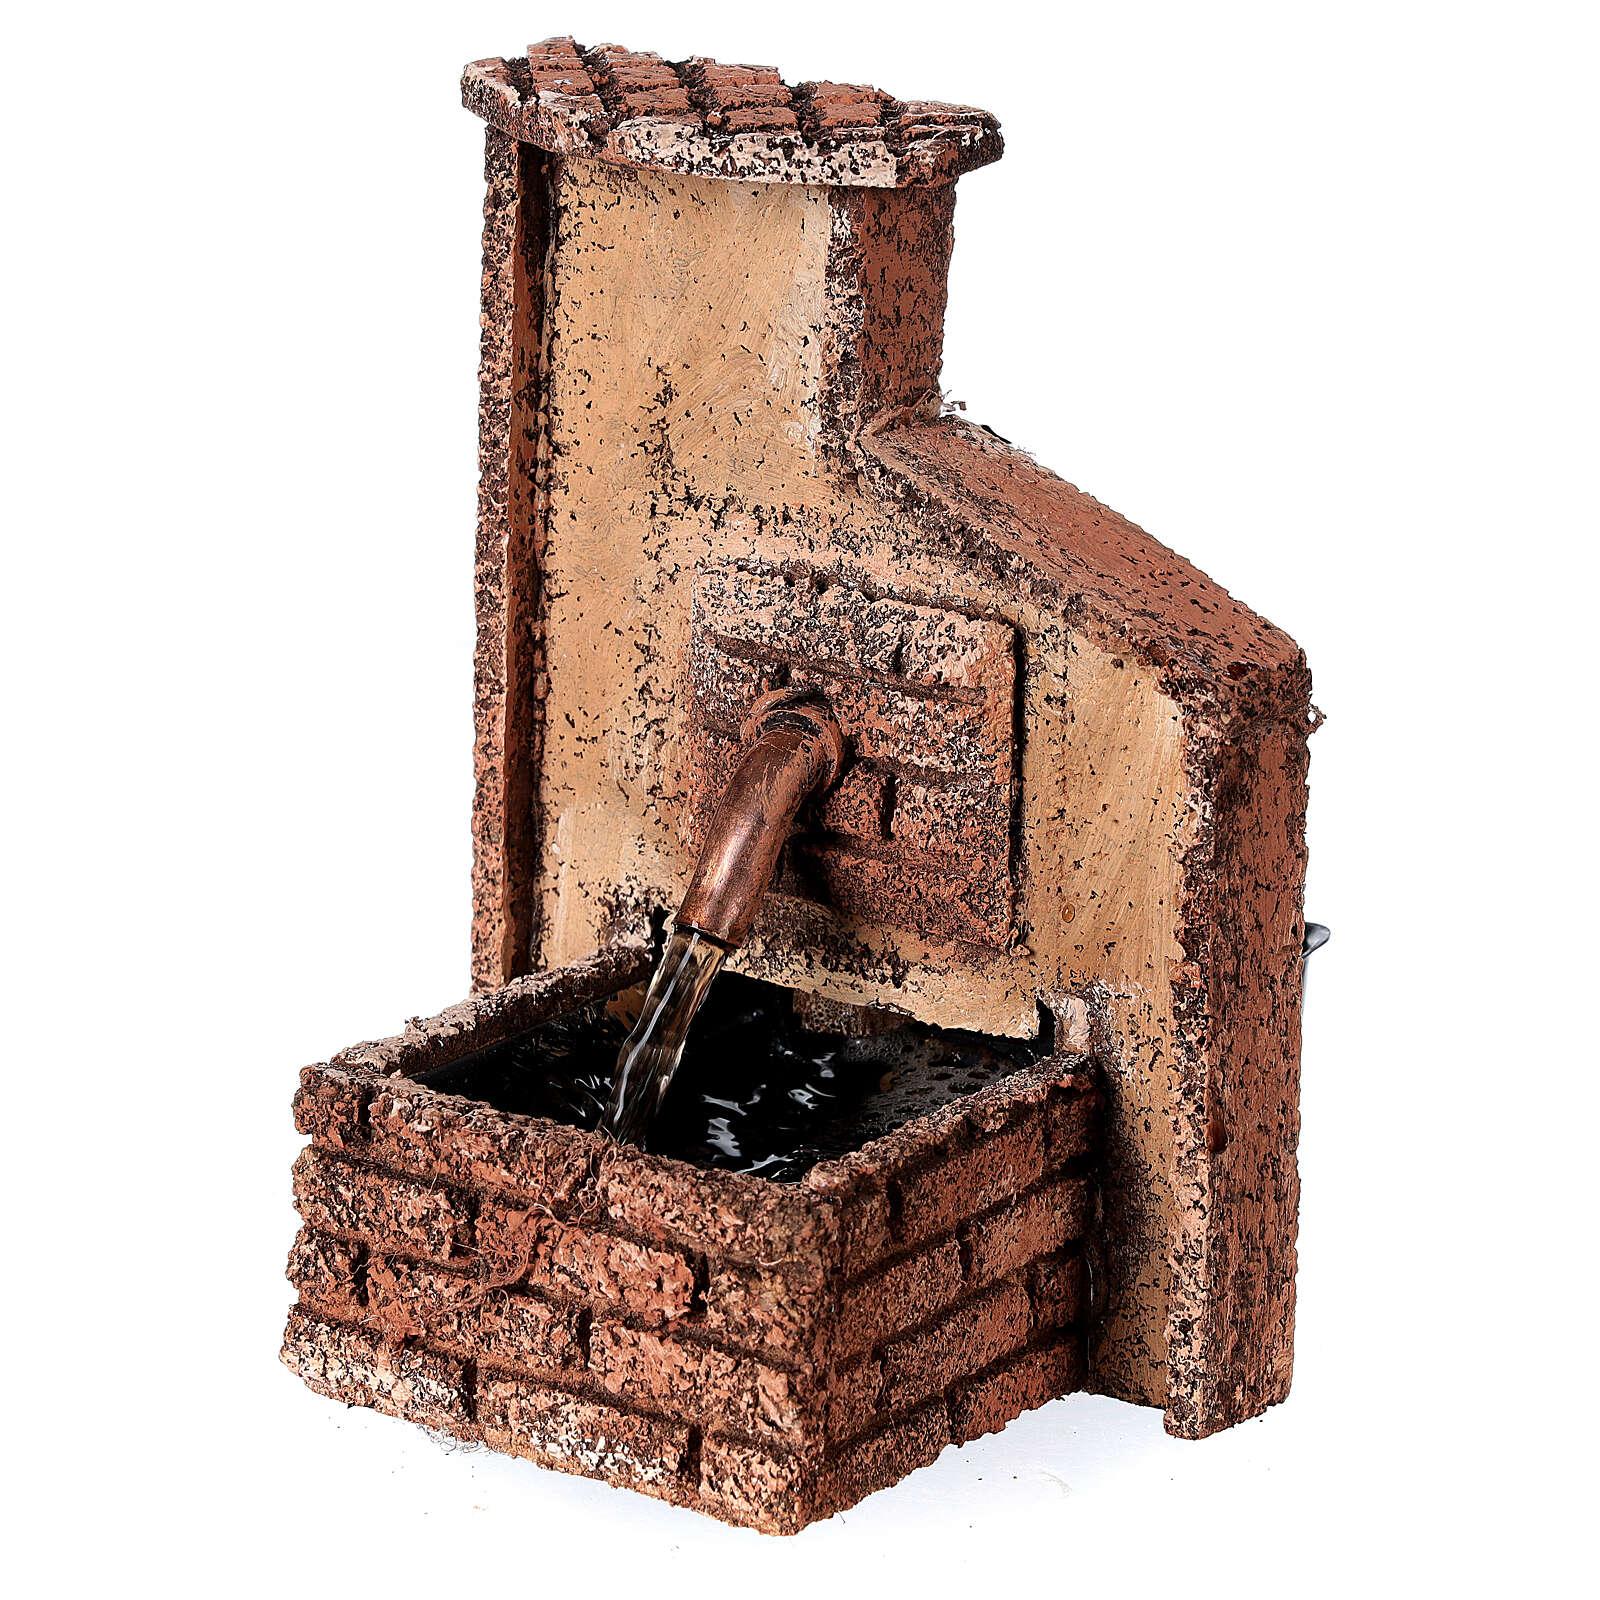 Fontaine électrique crèche napolitaine 10-12 cm liège 15x10x10 cm 4